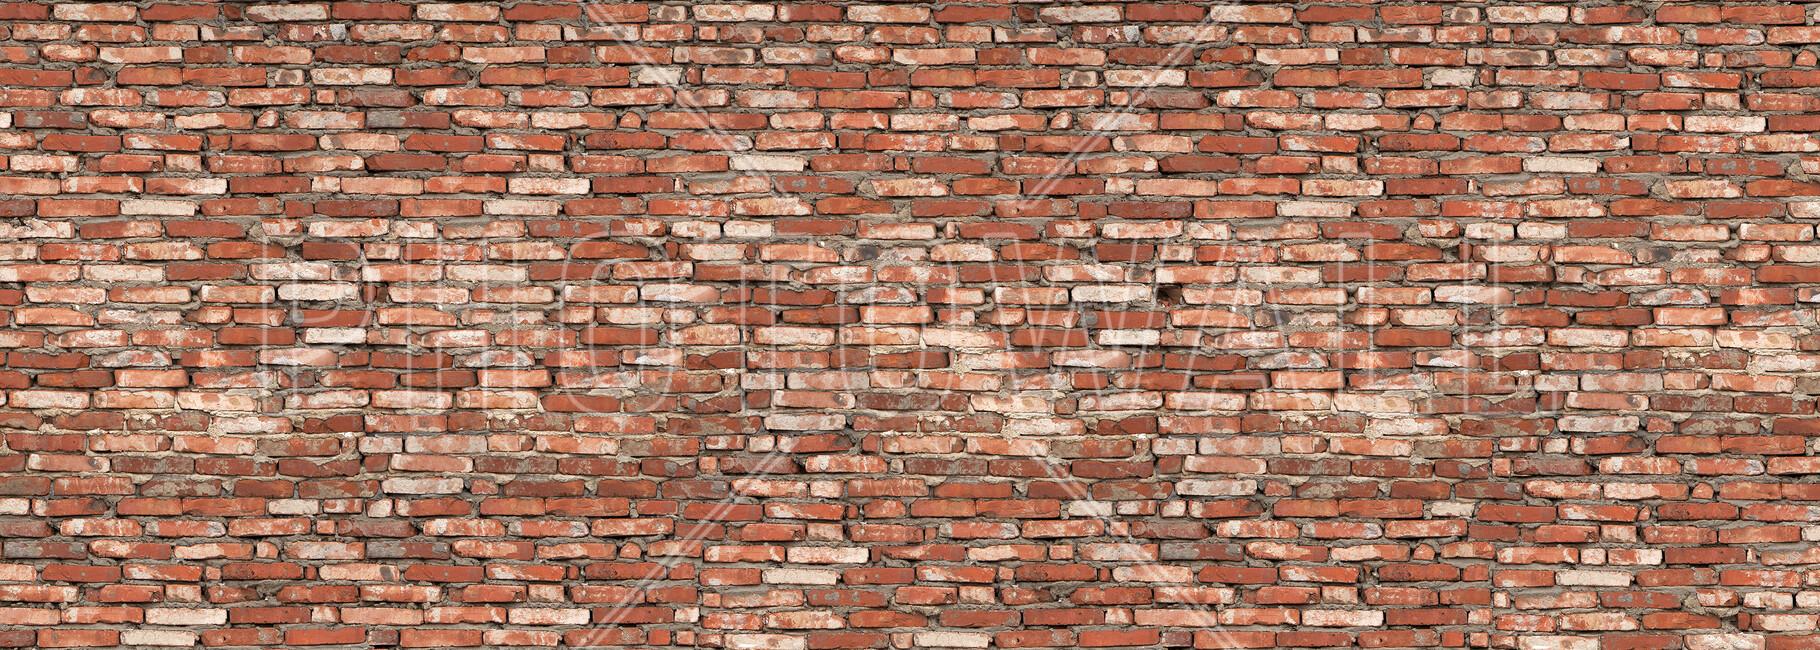 Old Brick Wall Red Wall Mural Photo Wallpaper Photowall